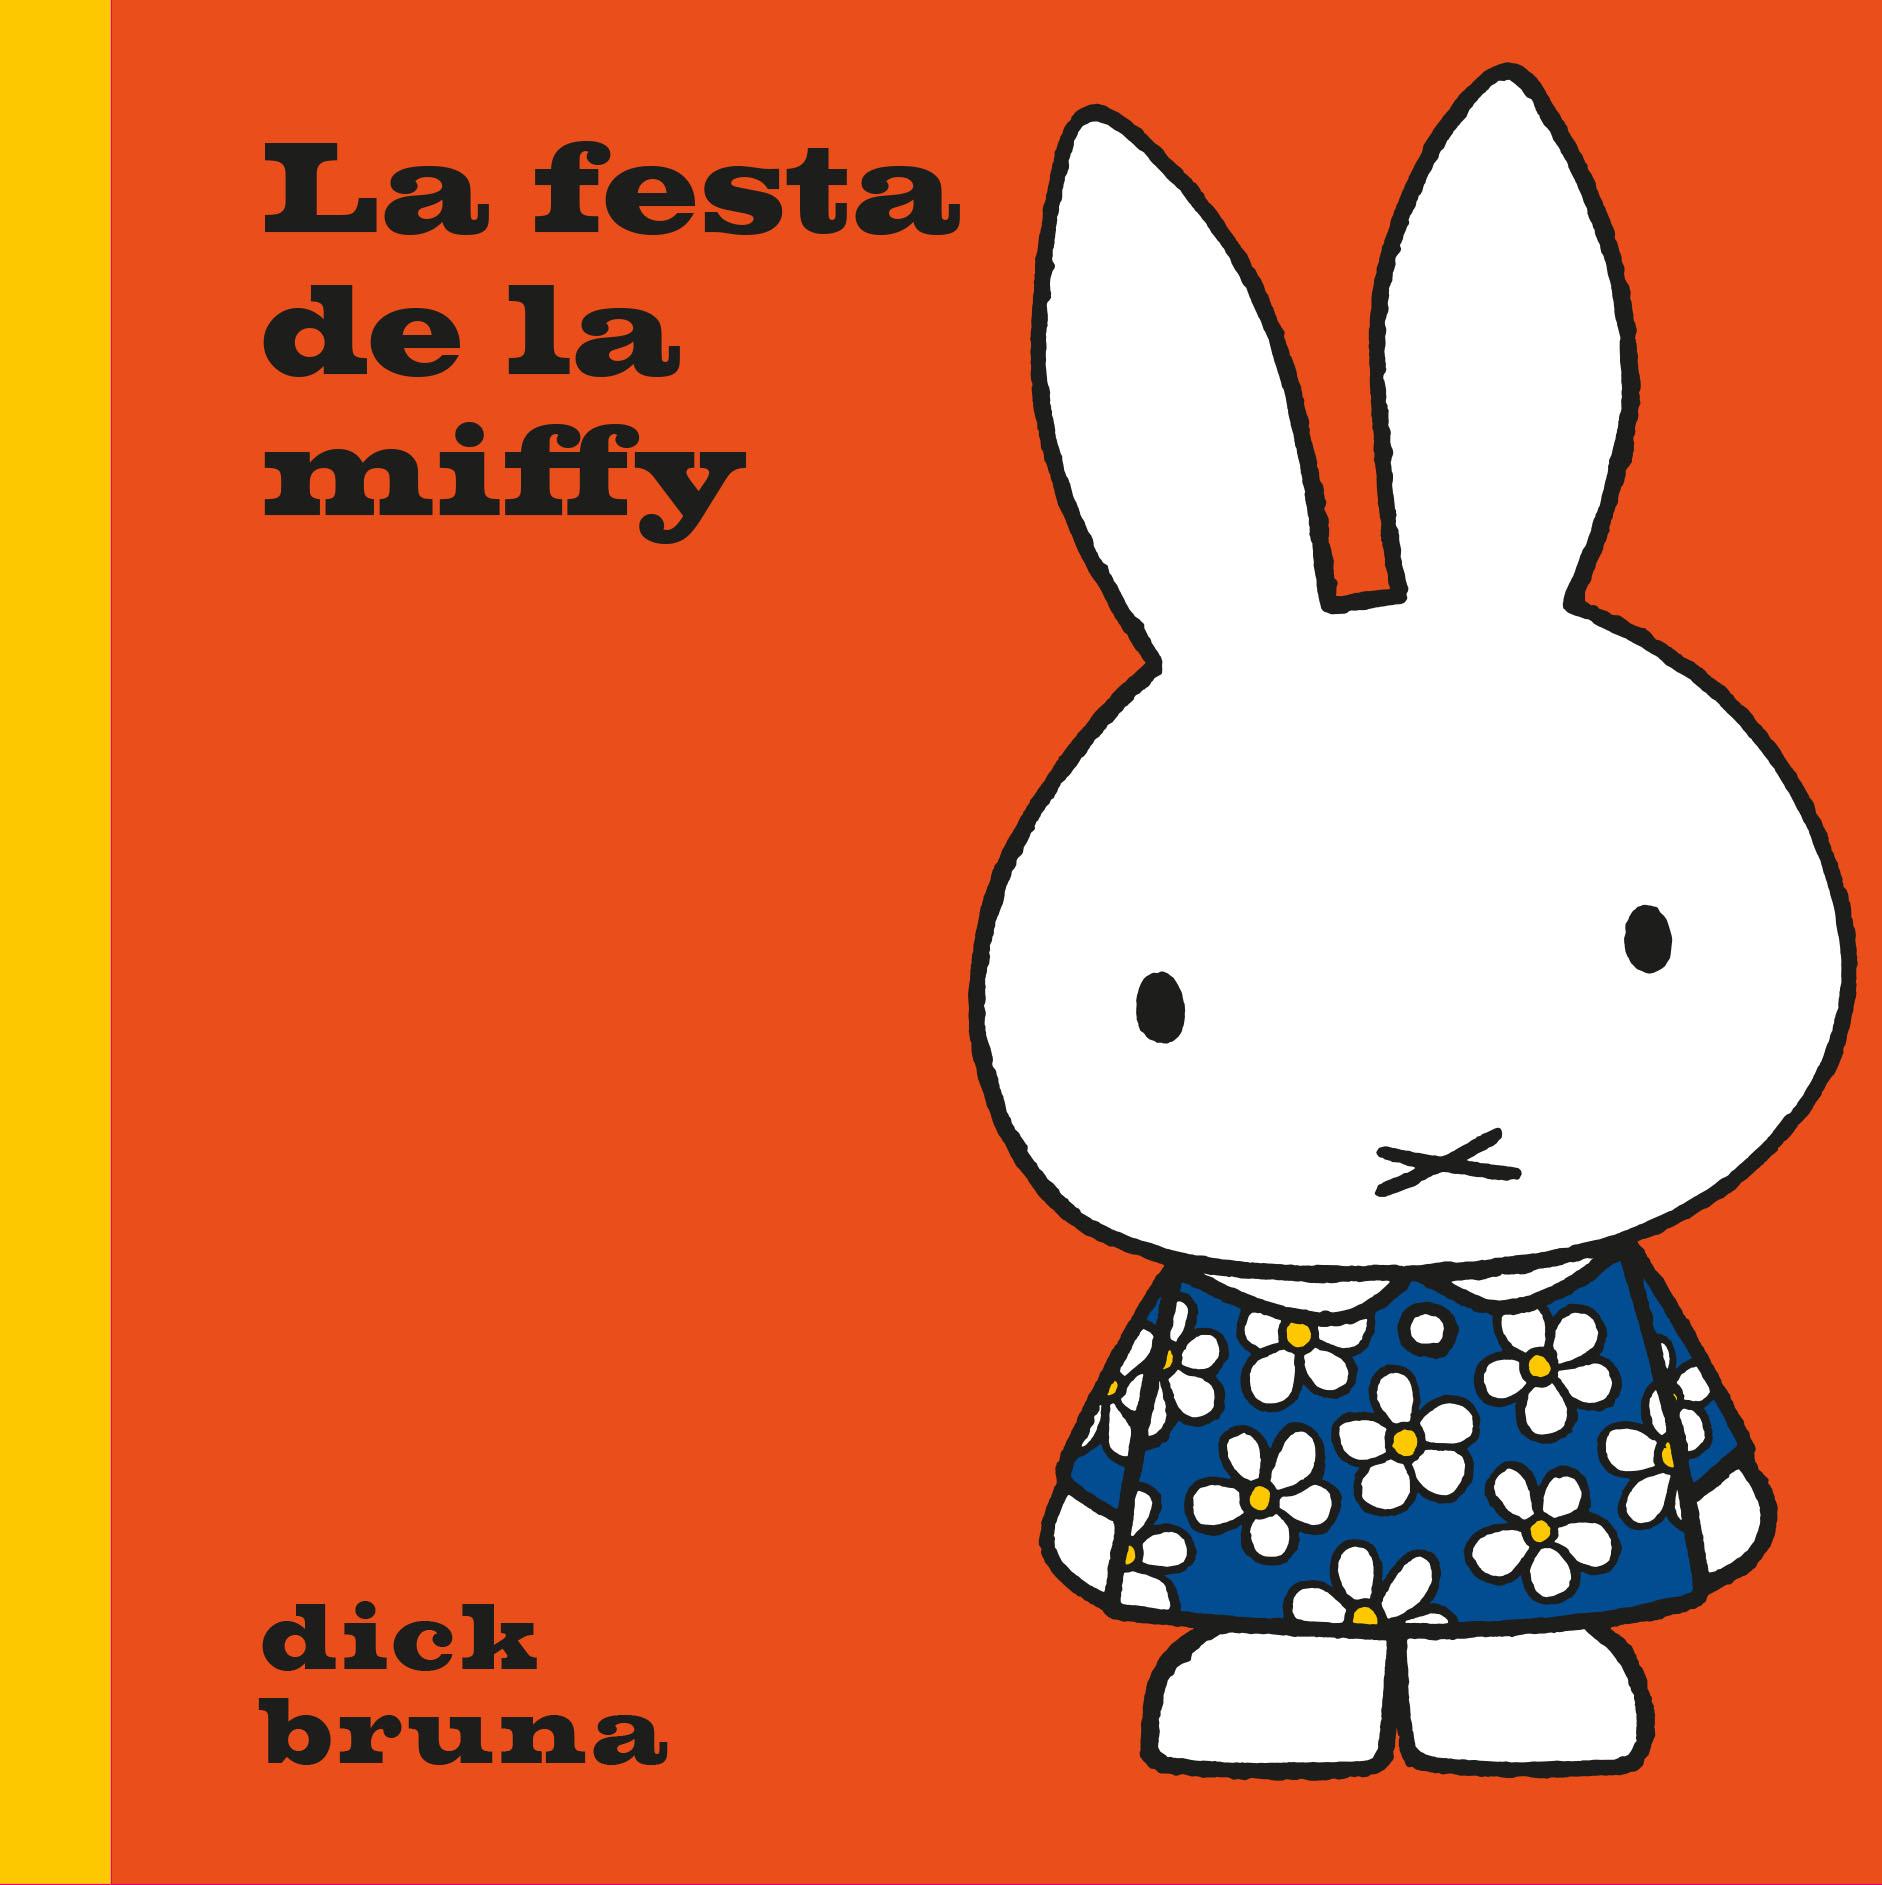 La festa de la Miffy